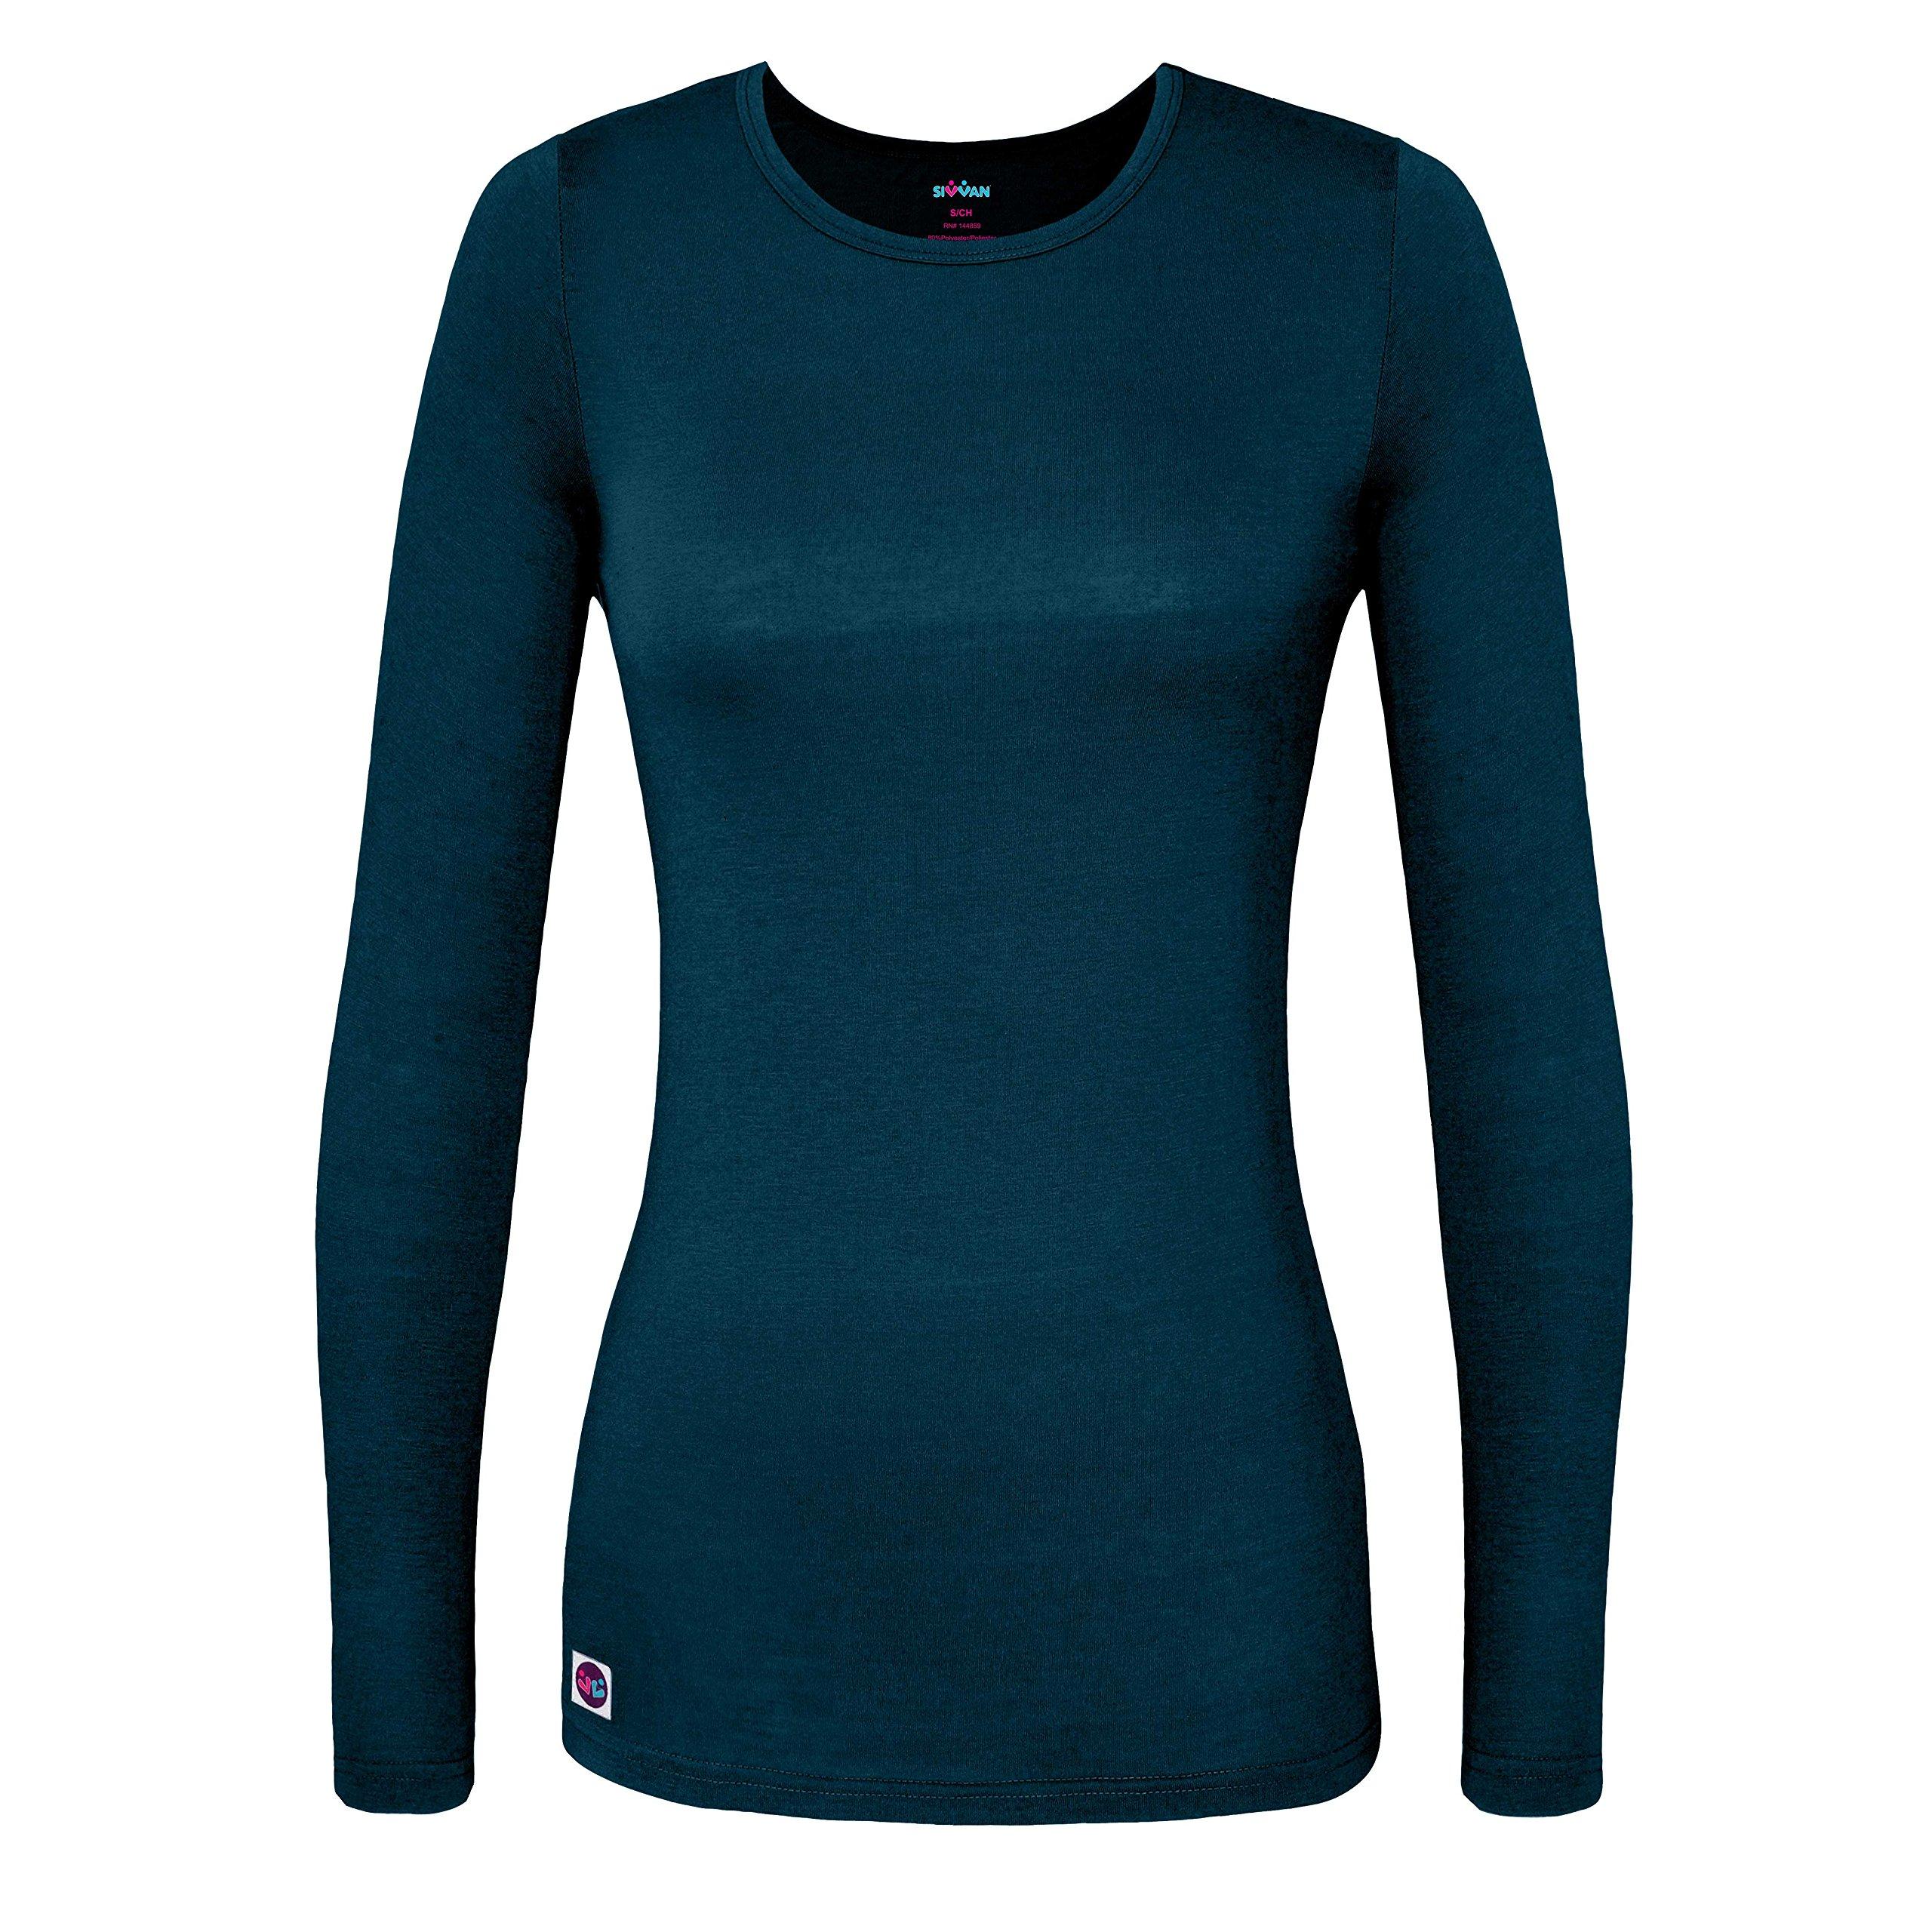 Sivvan Women's Comfort Long Sleeve T-Shirt / Underscrub Tee - S8500 - Caribbean Blue - S